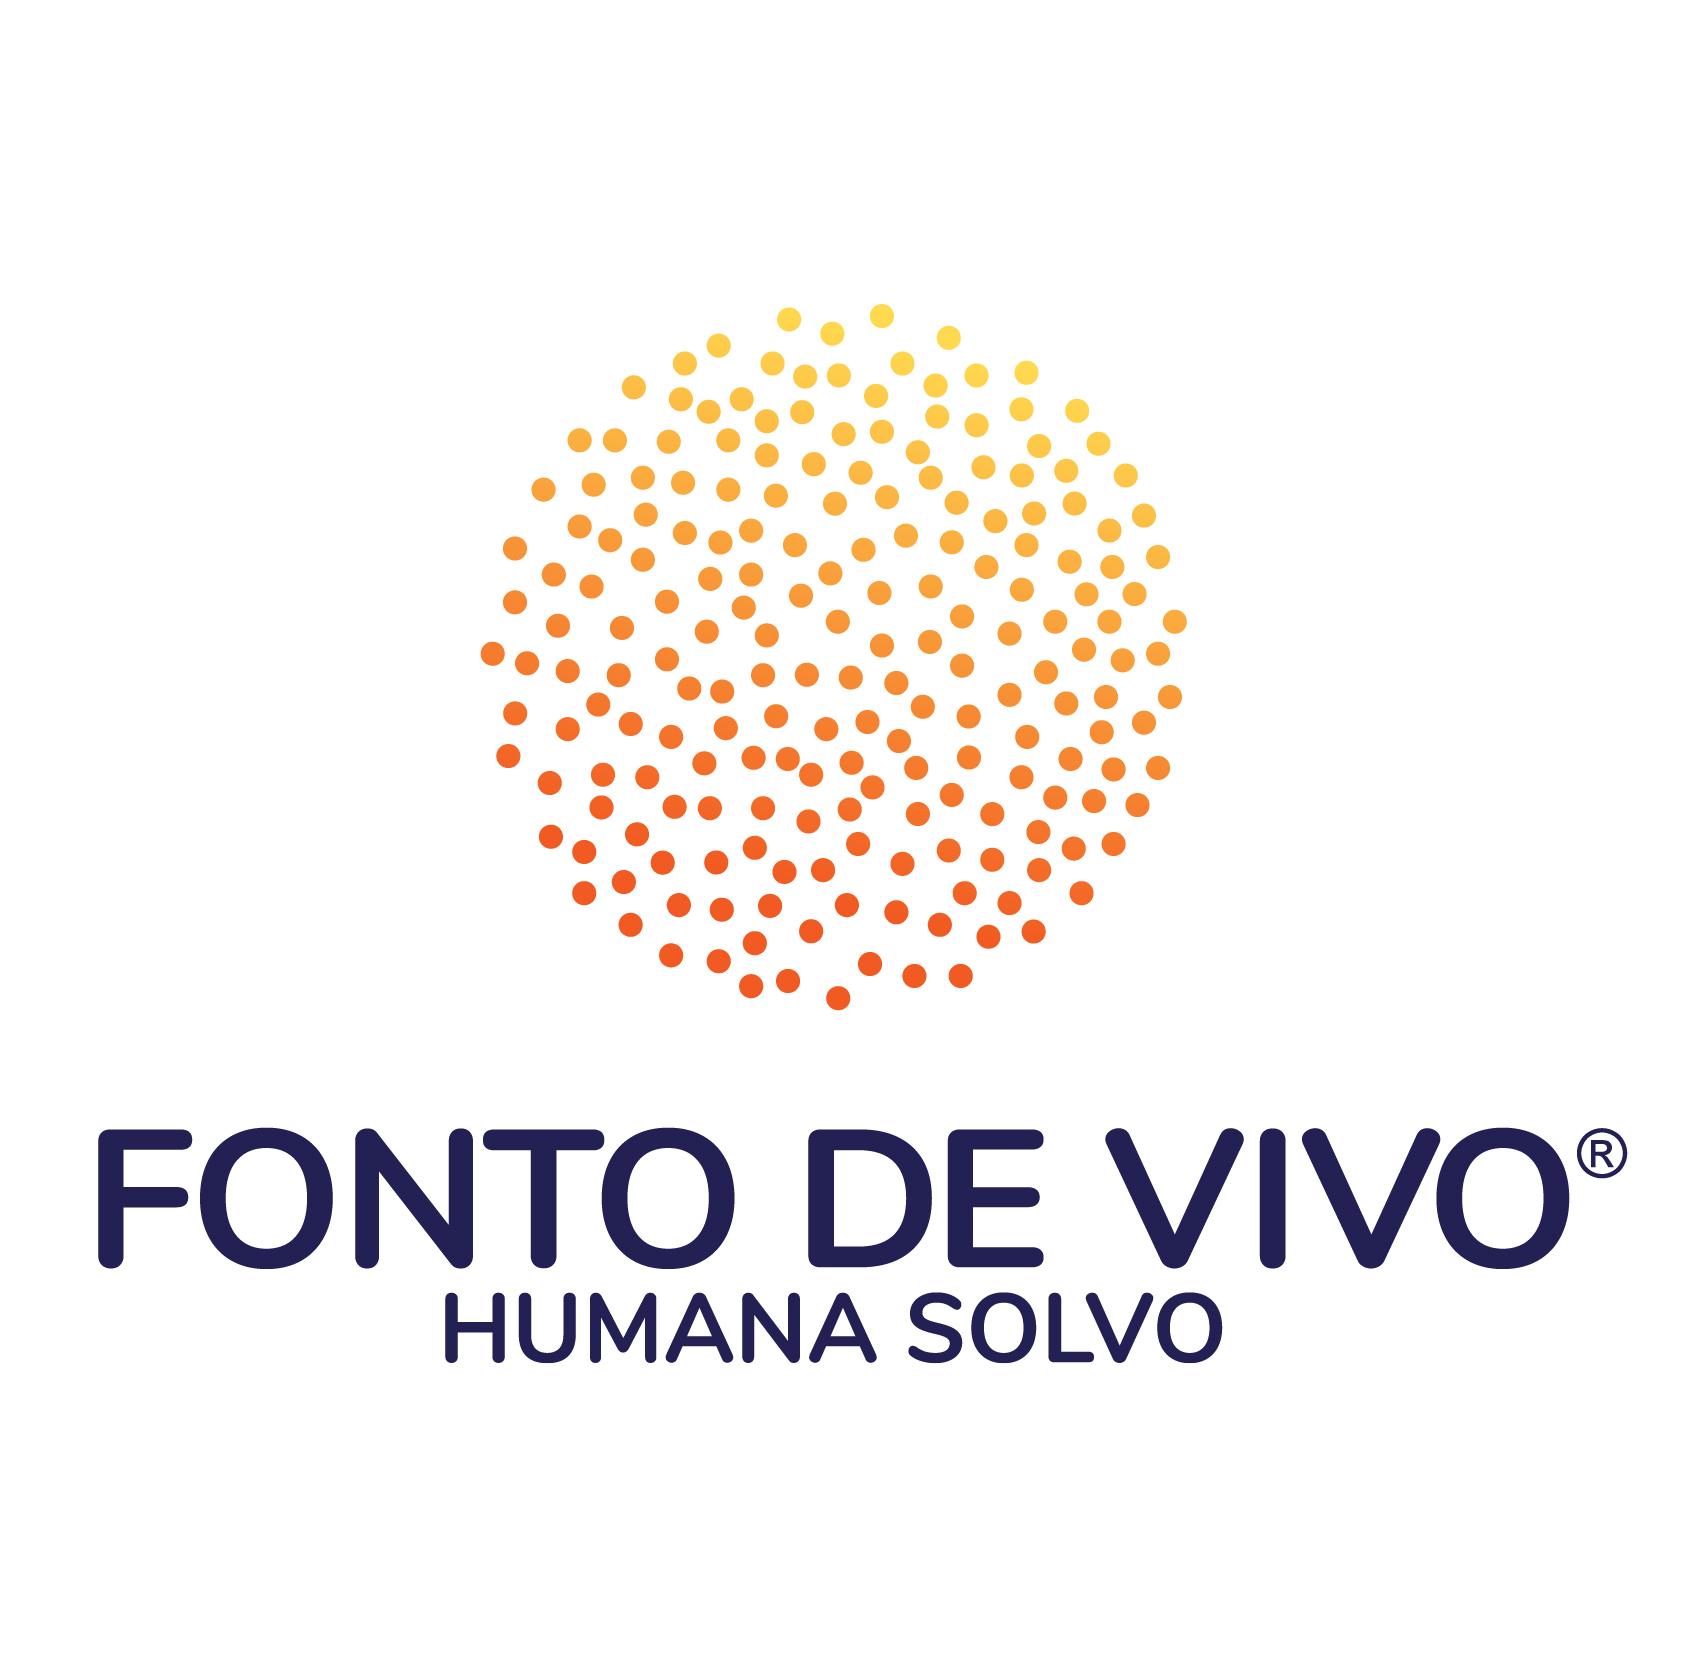 FONTO DE VIVO